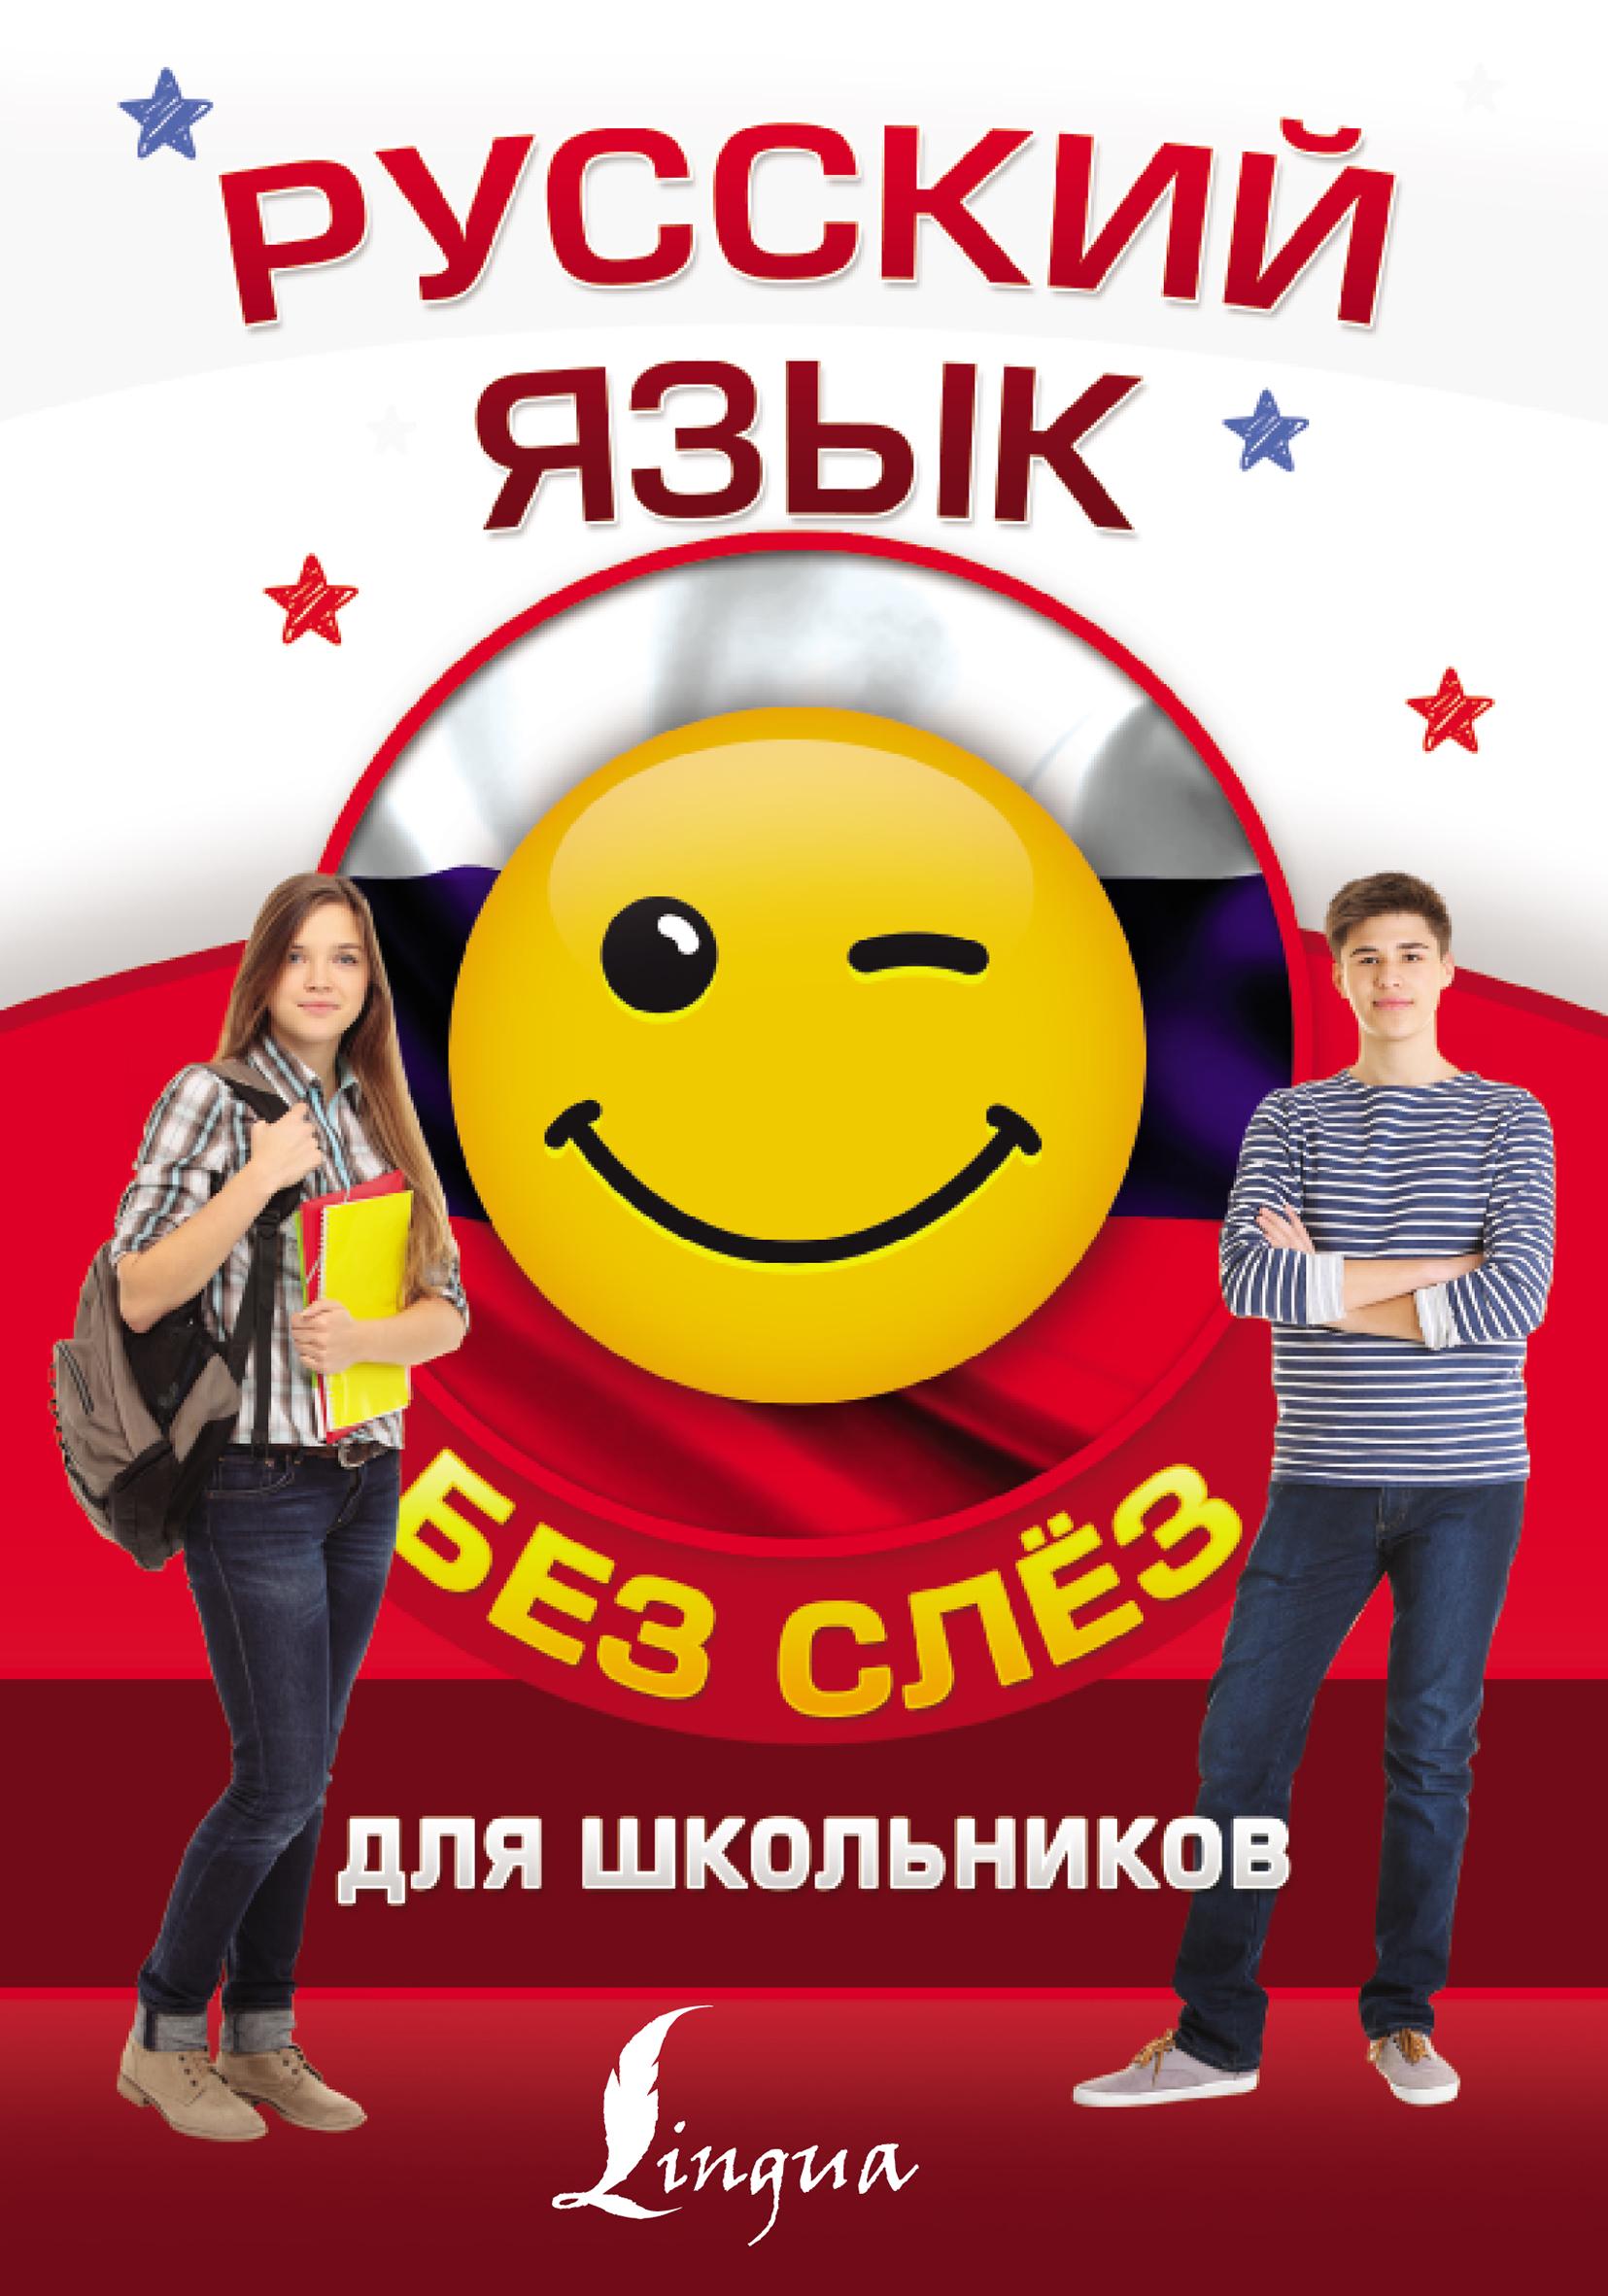 Ф. С. Алексеев Русский язык для школьников без слёз